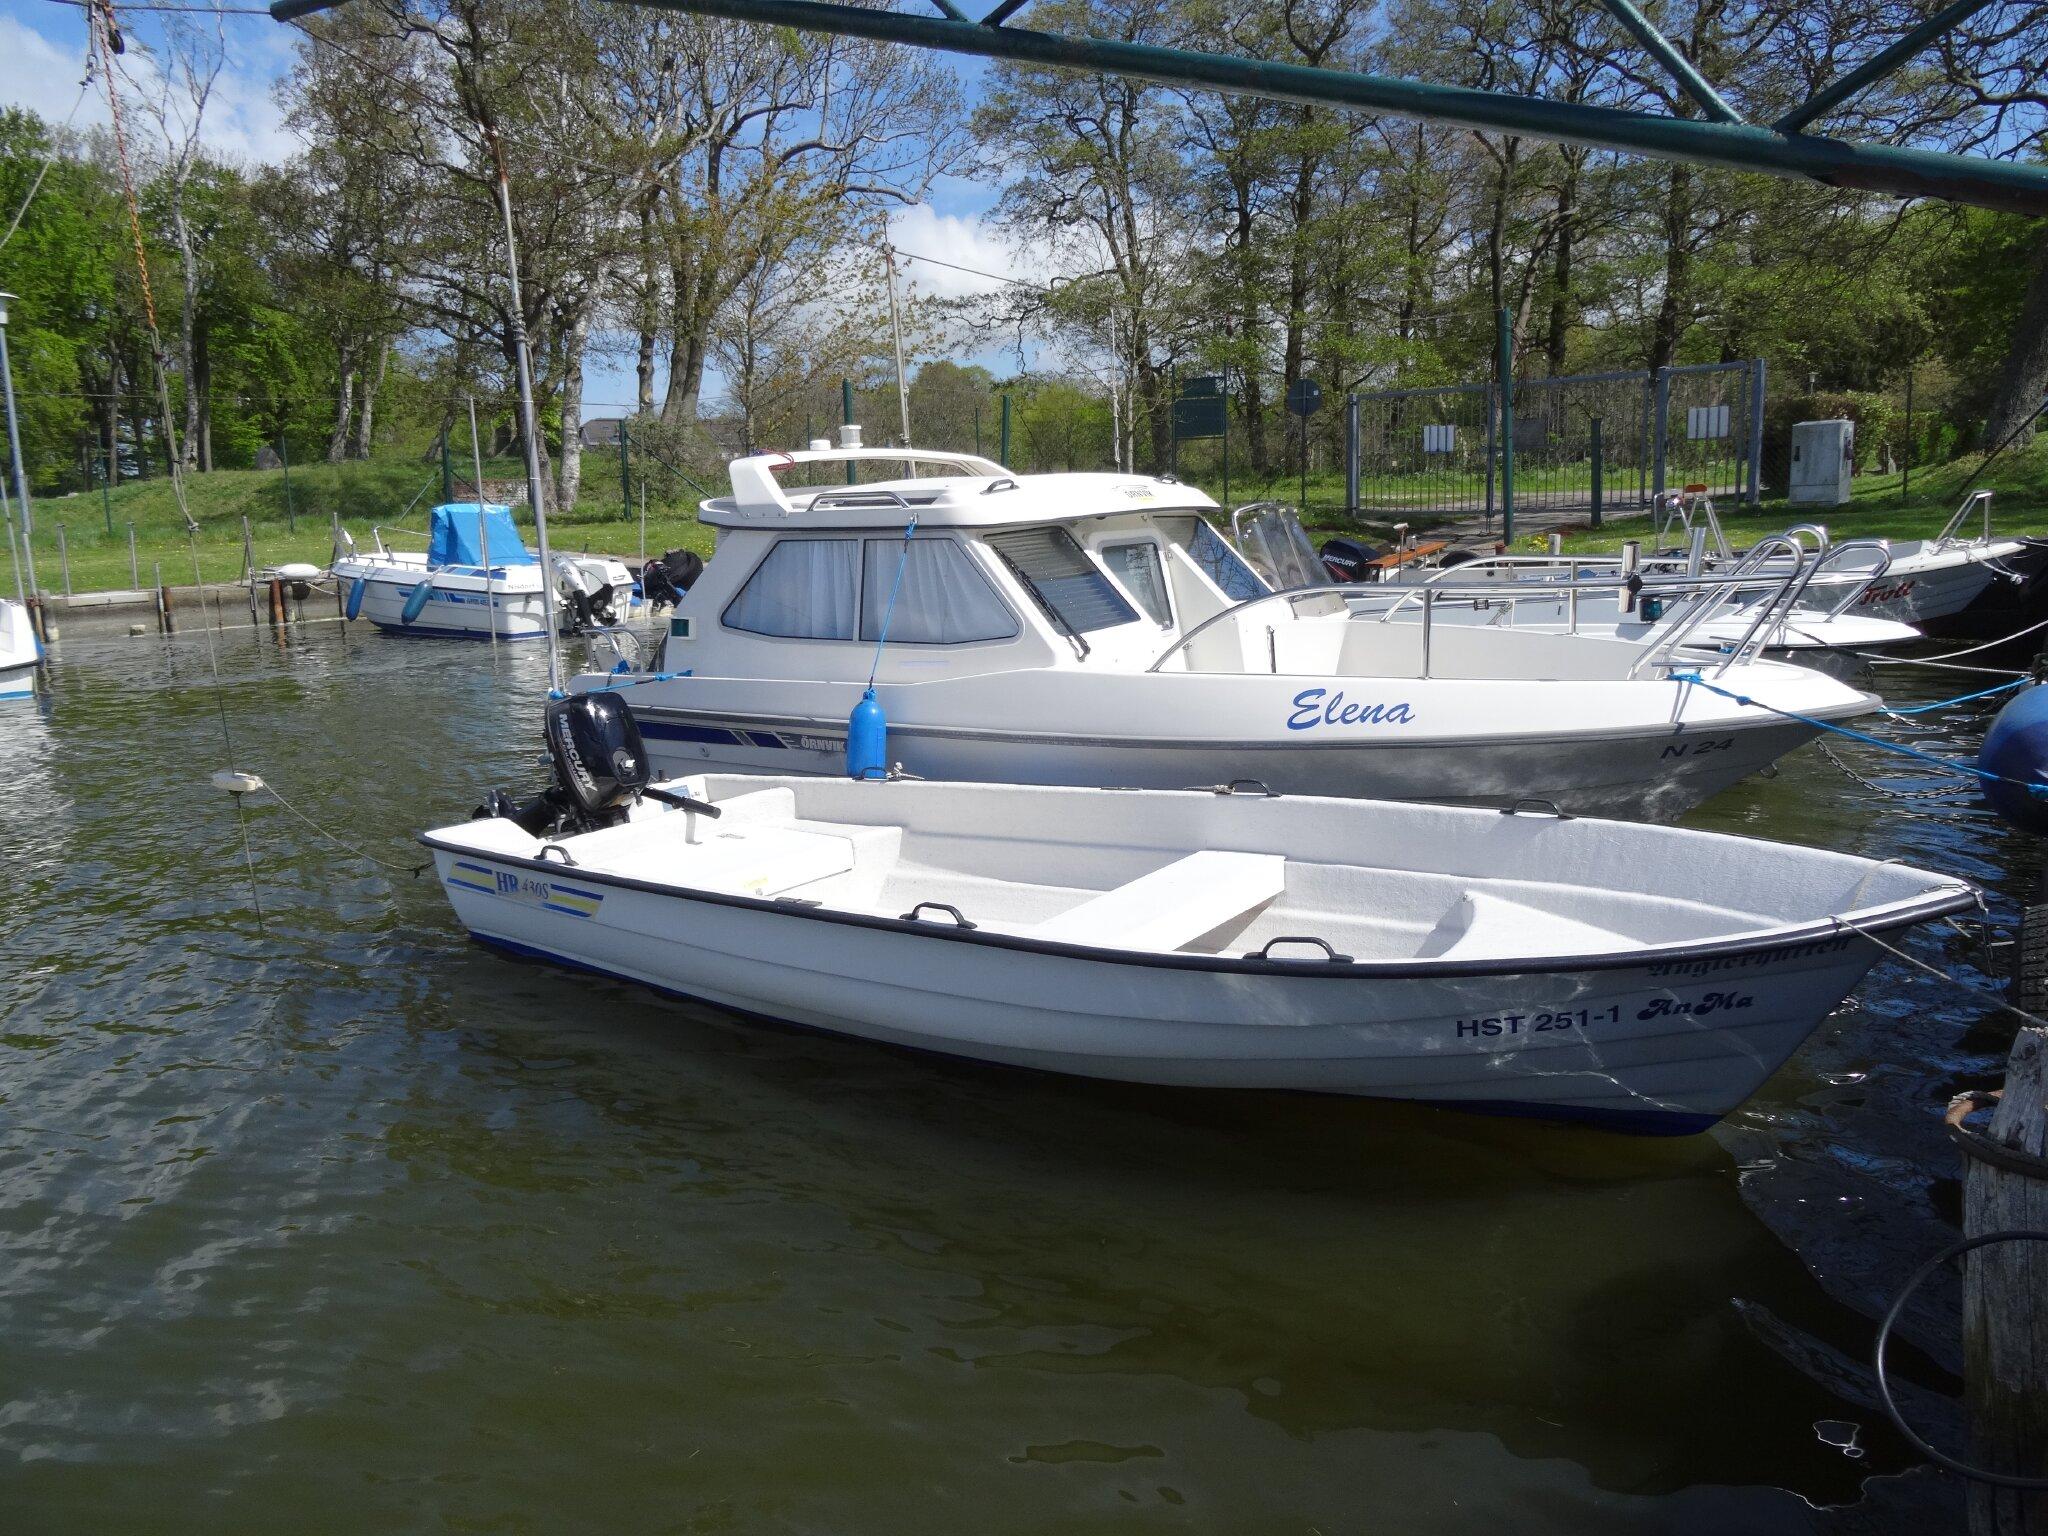 Für kleine Bootstouren